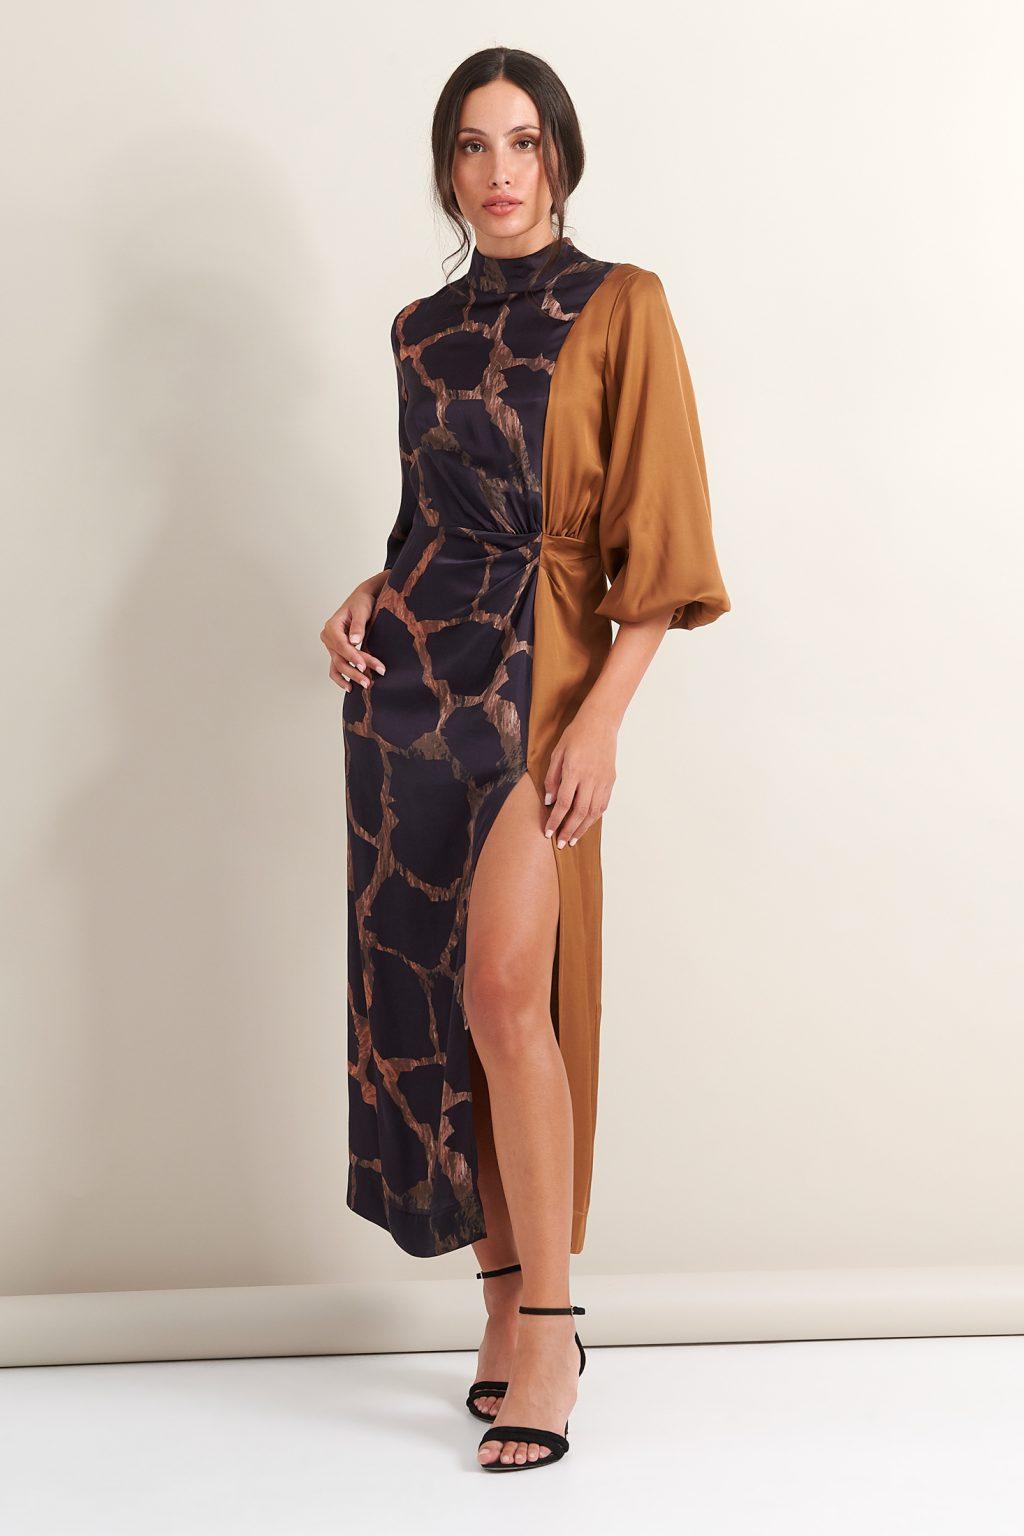 Γυναικεία Ρούχα LACE ΦΟΡΕΜΑ JAPANESE STYLE